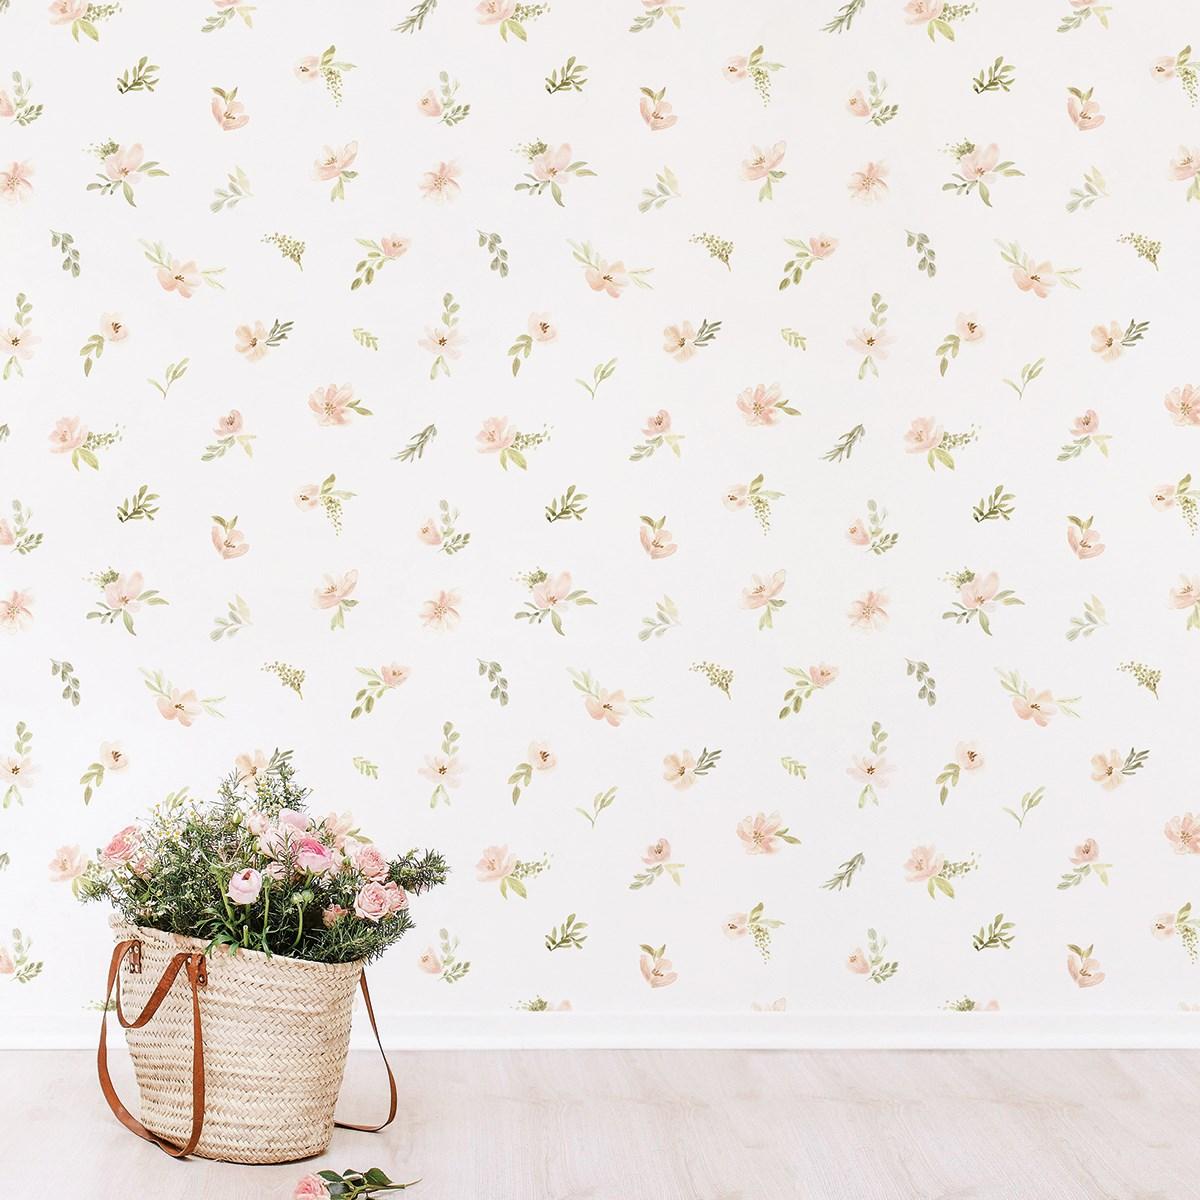 Papier peint fleurs en Papier Rose pâle